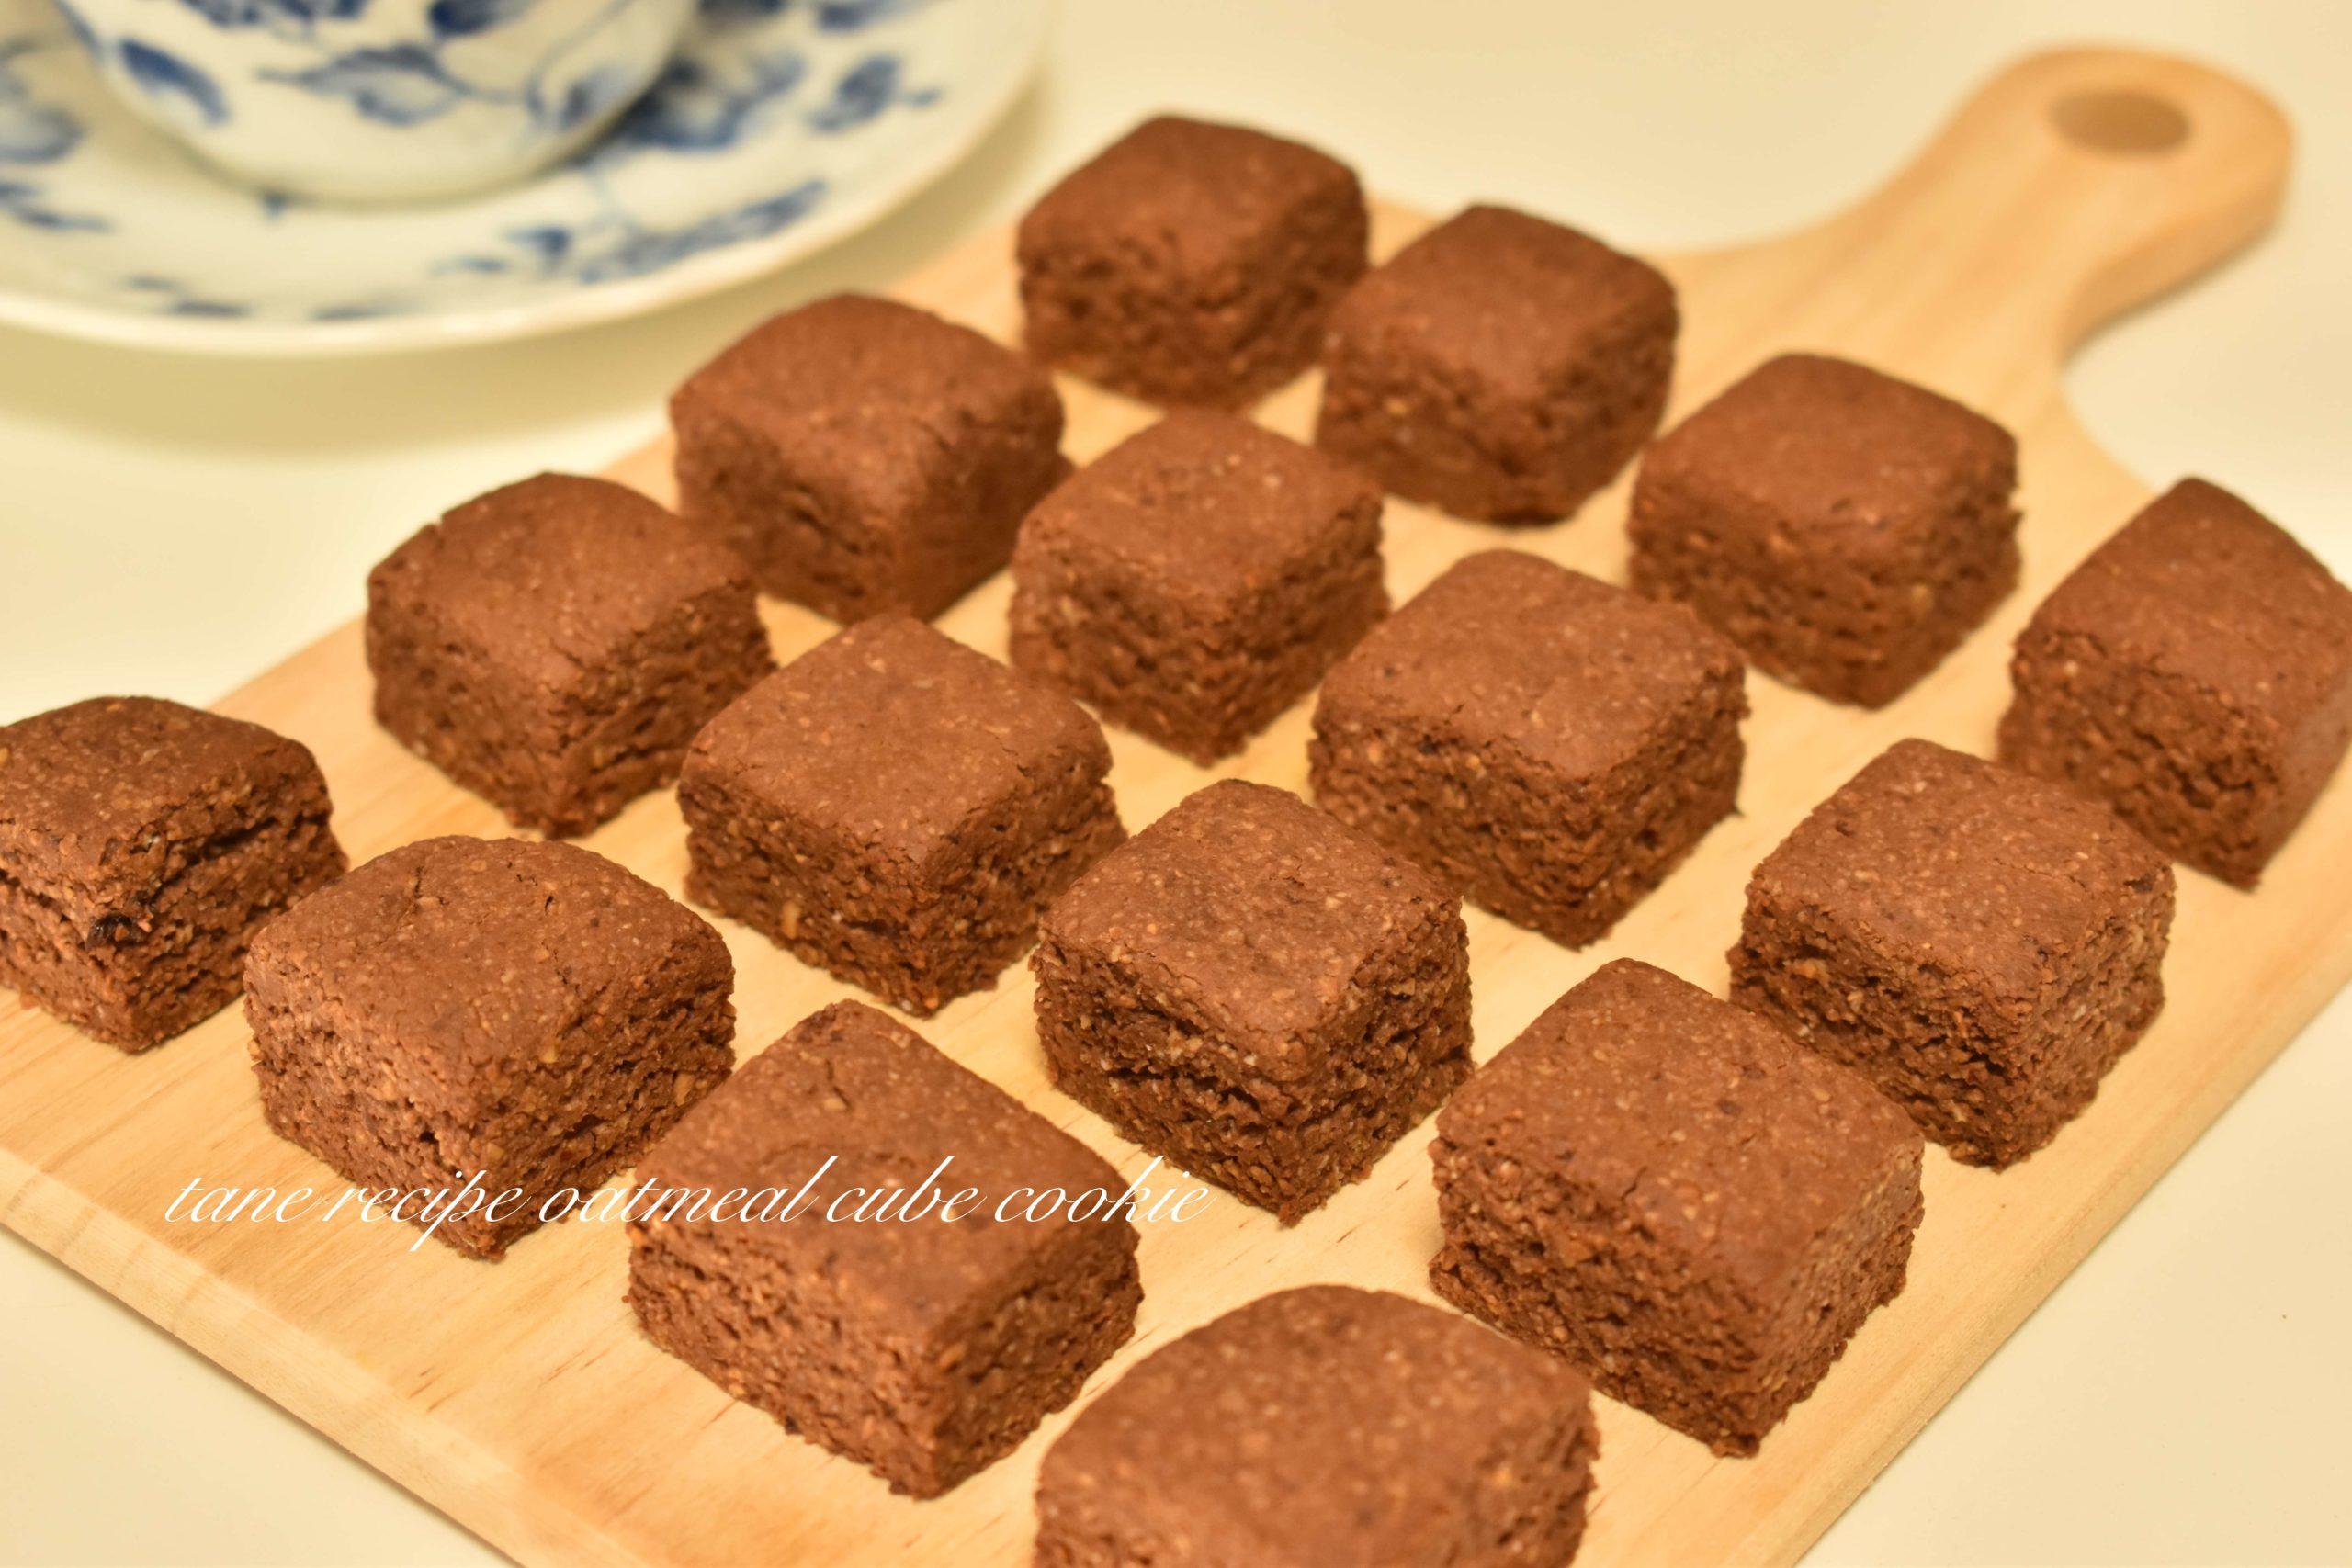 【ヴィーガンレシピ】カリコリ食感オートミールキューブクッキー【小麦粉不使用】